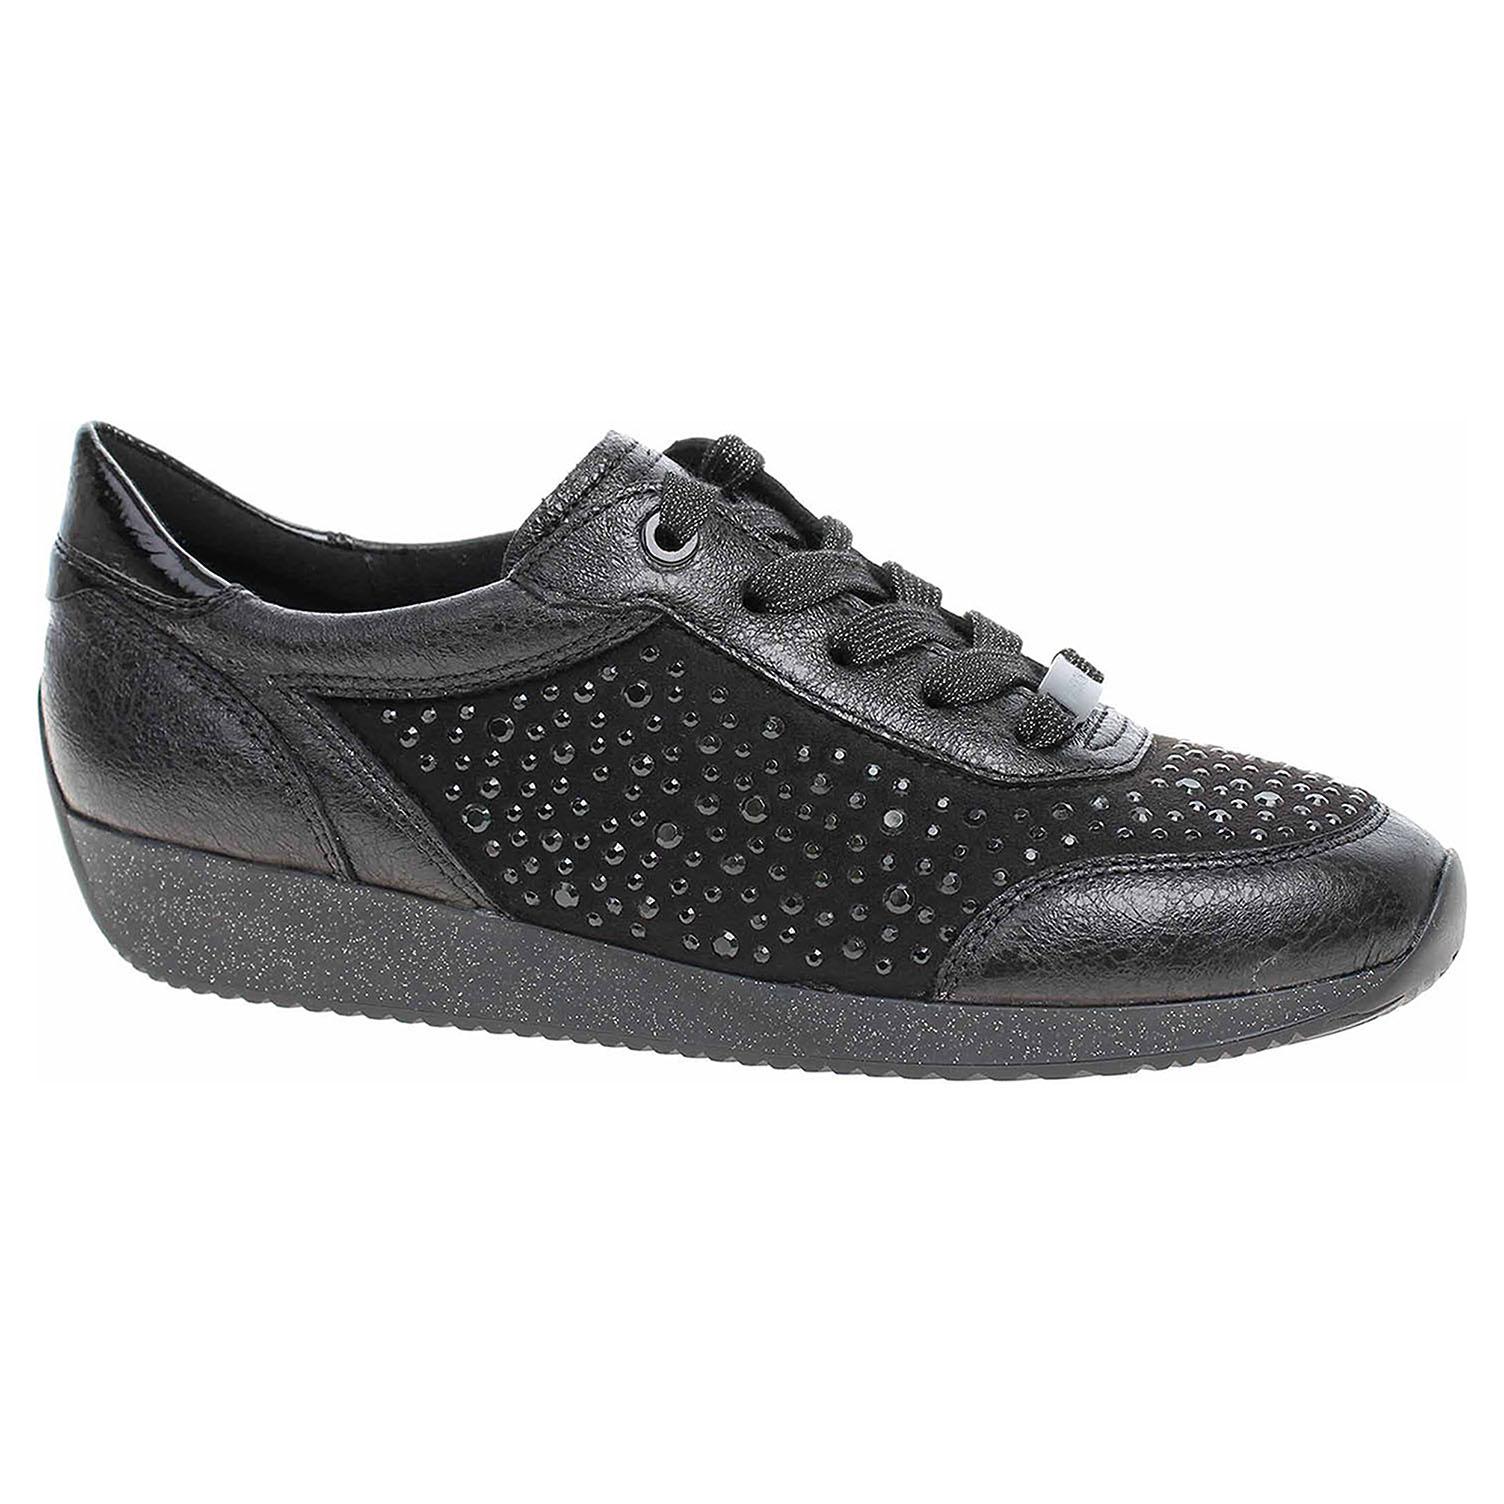 7e2e0f2fc636 Ecco Dámská obuv Ara 12-44052-75 schwarz 23200876